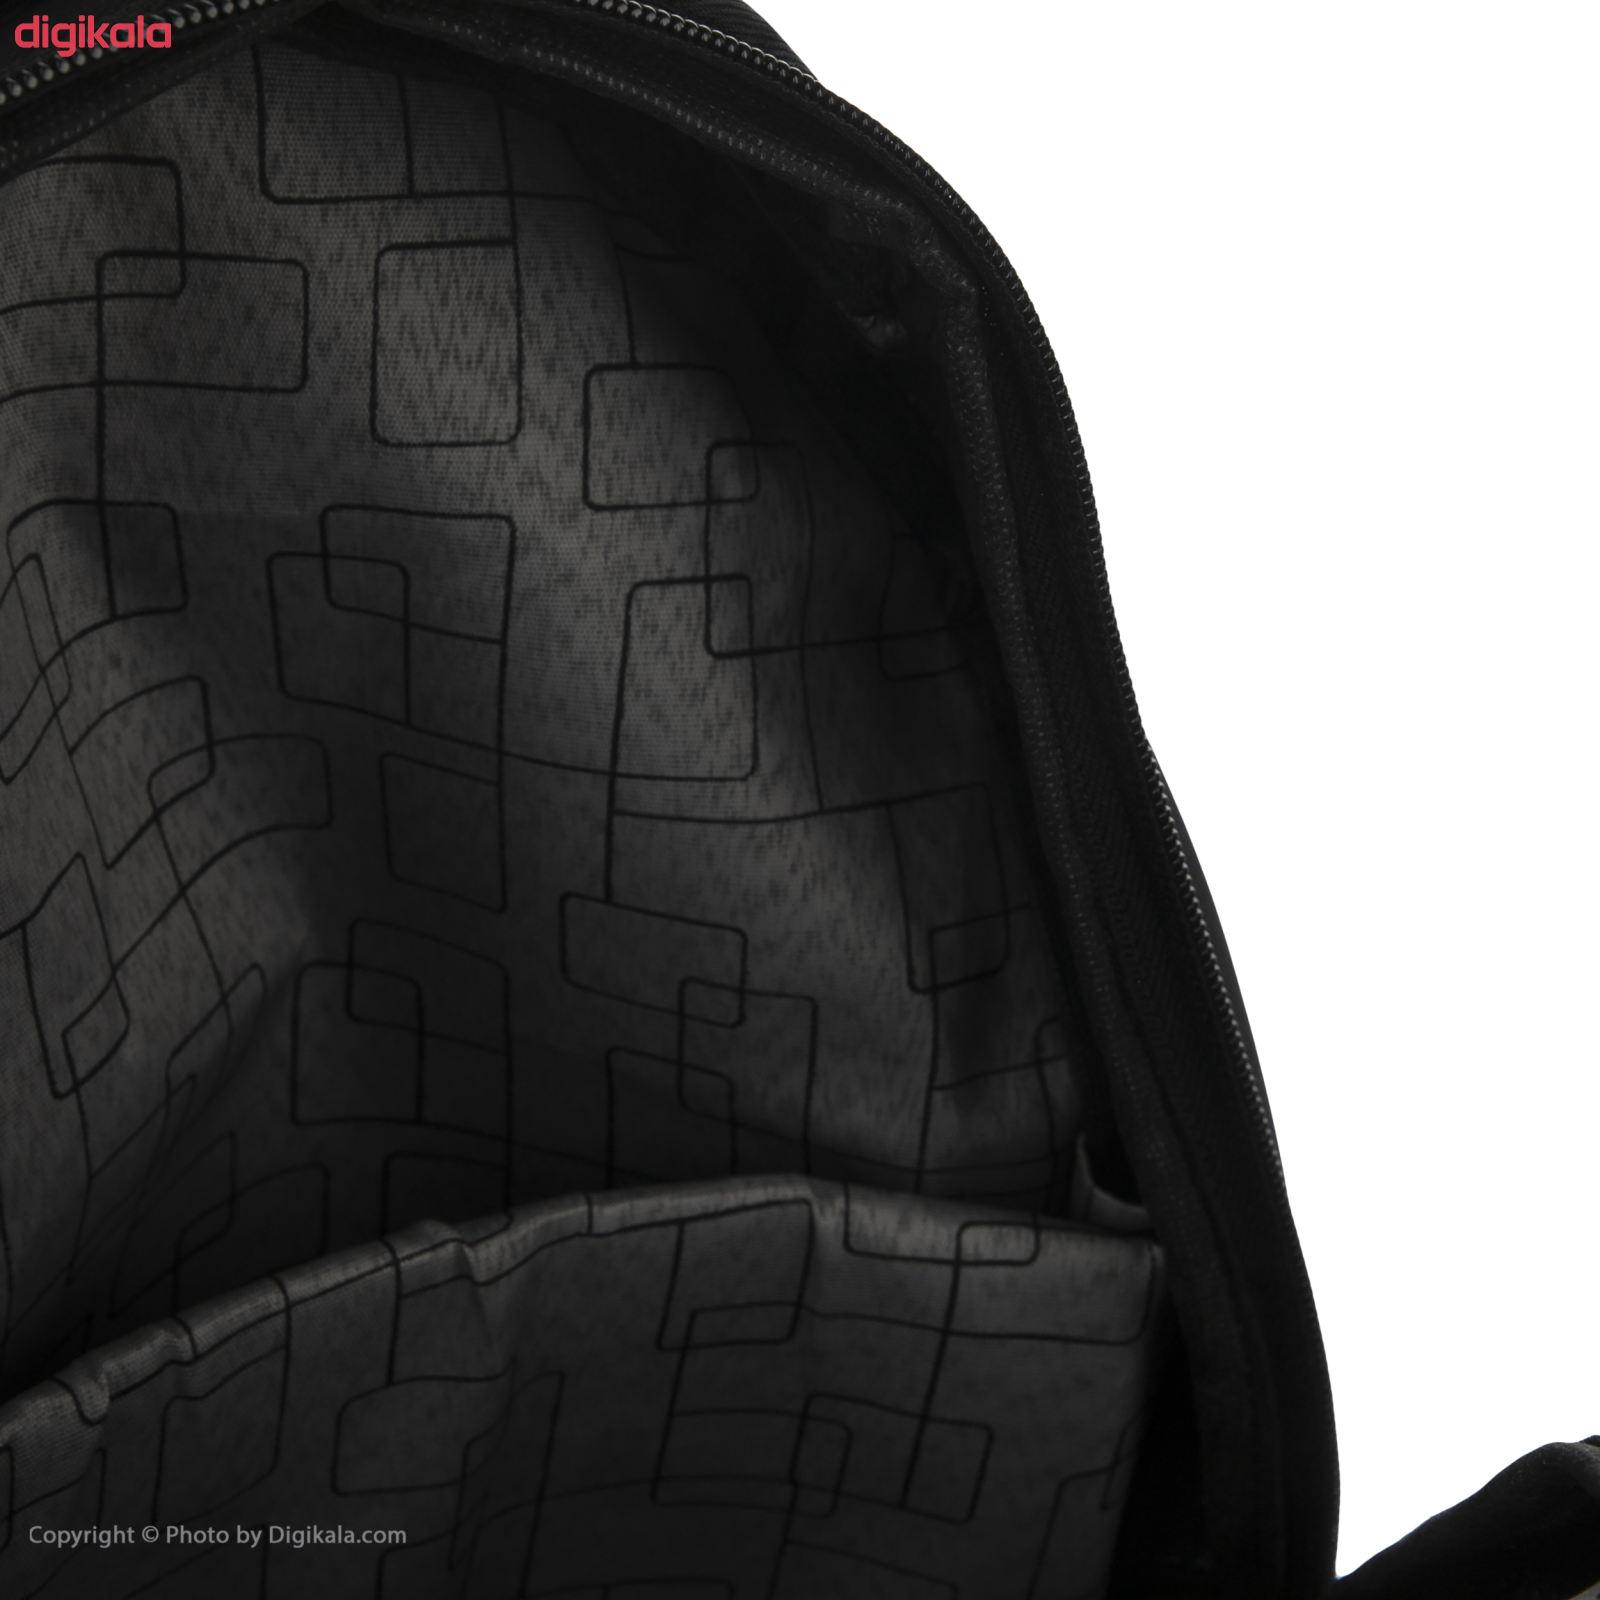 کوله پشتی لاک بگ مدل A101 main 1 5